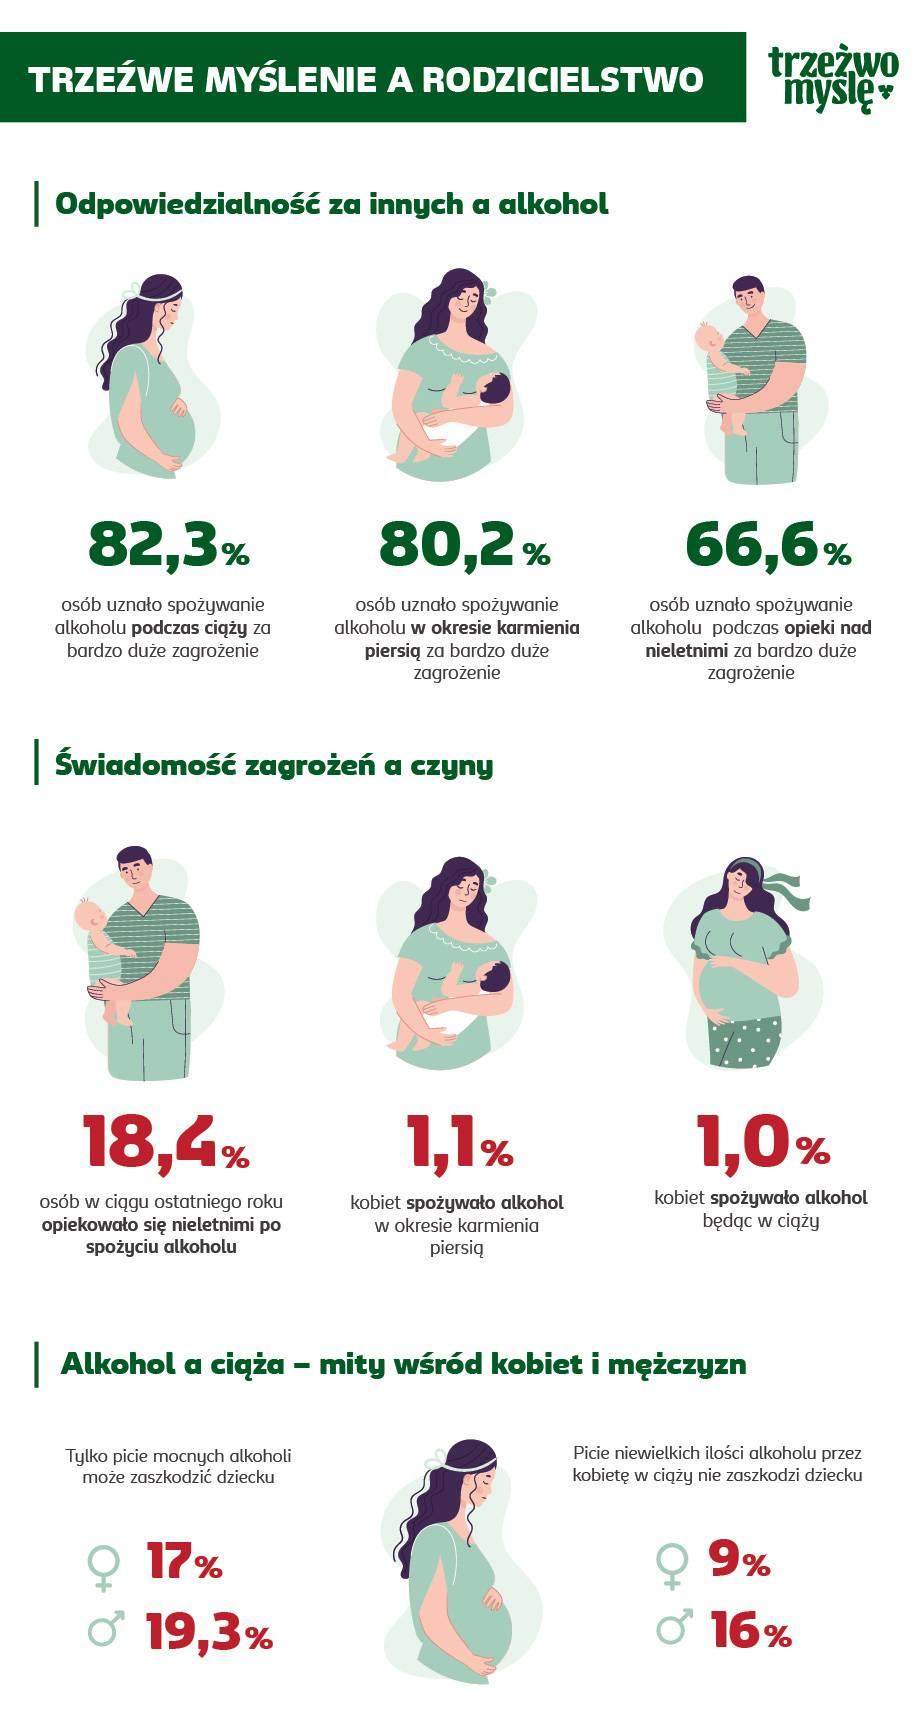 Infografika Trzeźwe myslenie a rodzicielstwo 1